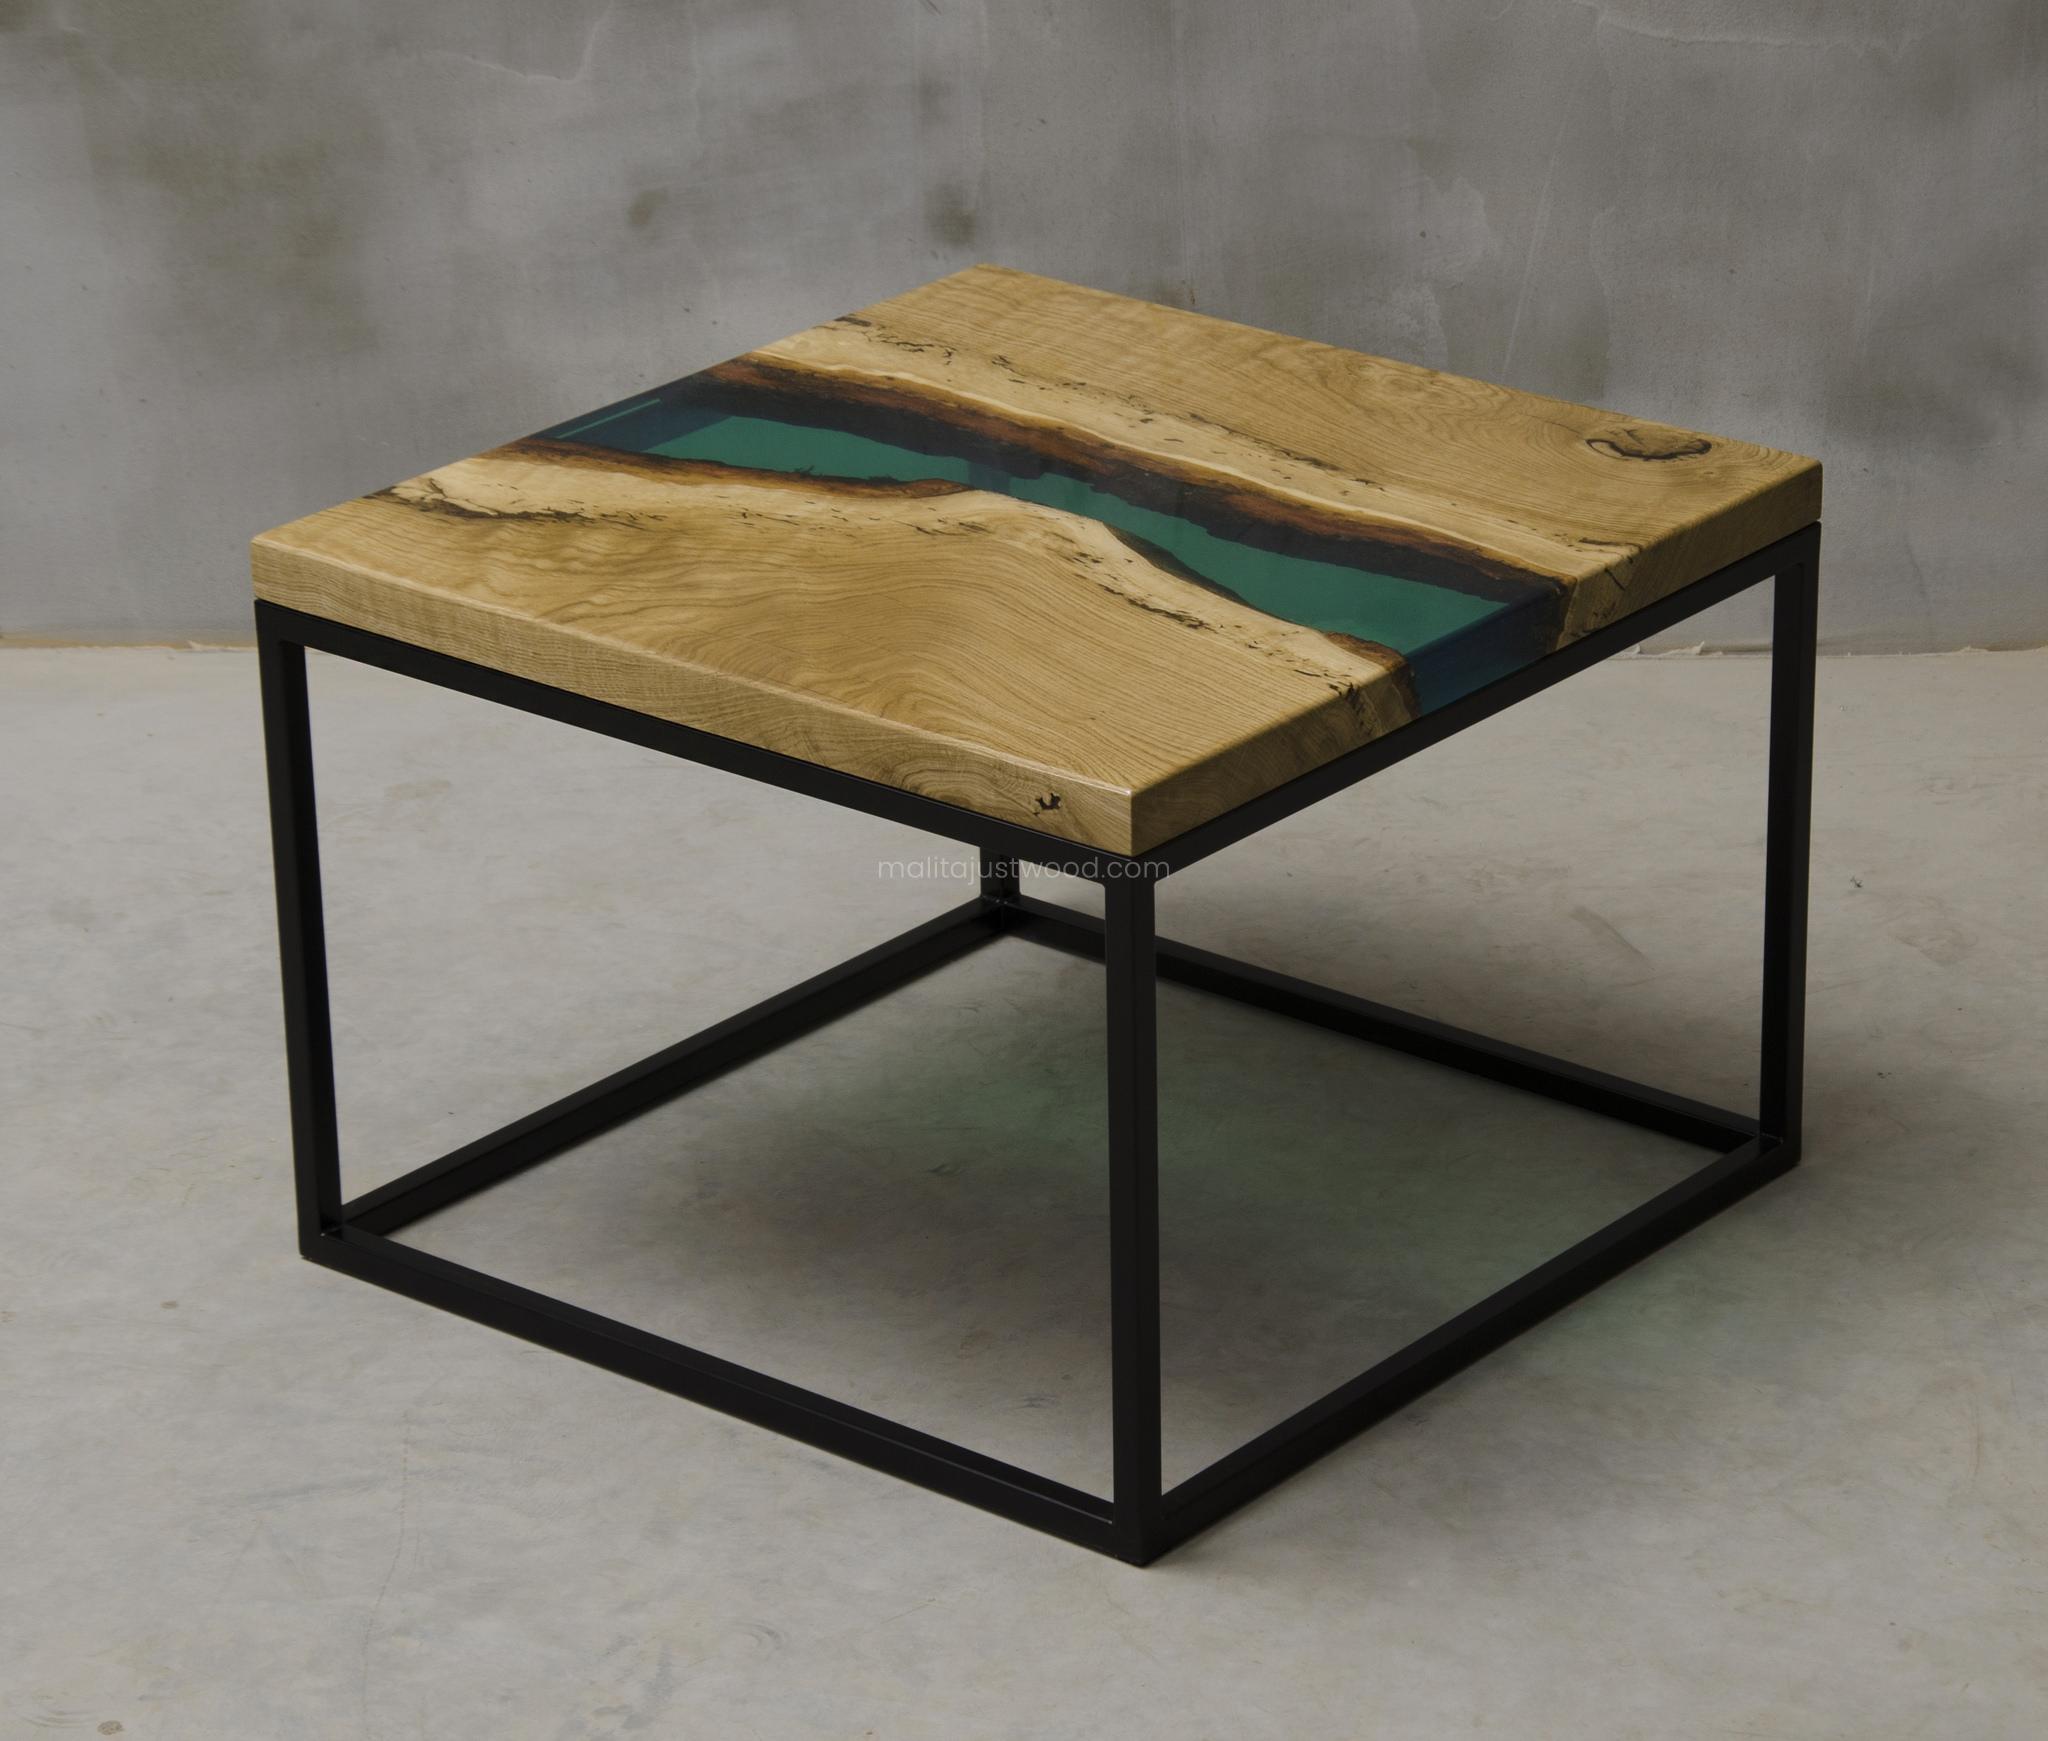 dębowy stolik Ventus z żywicą do salonu